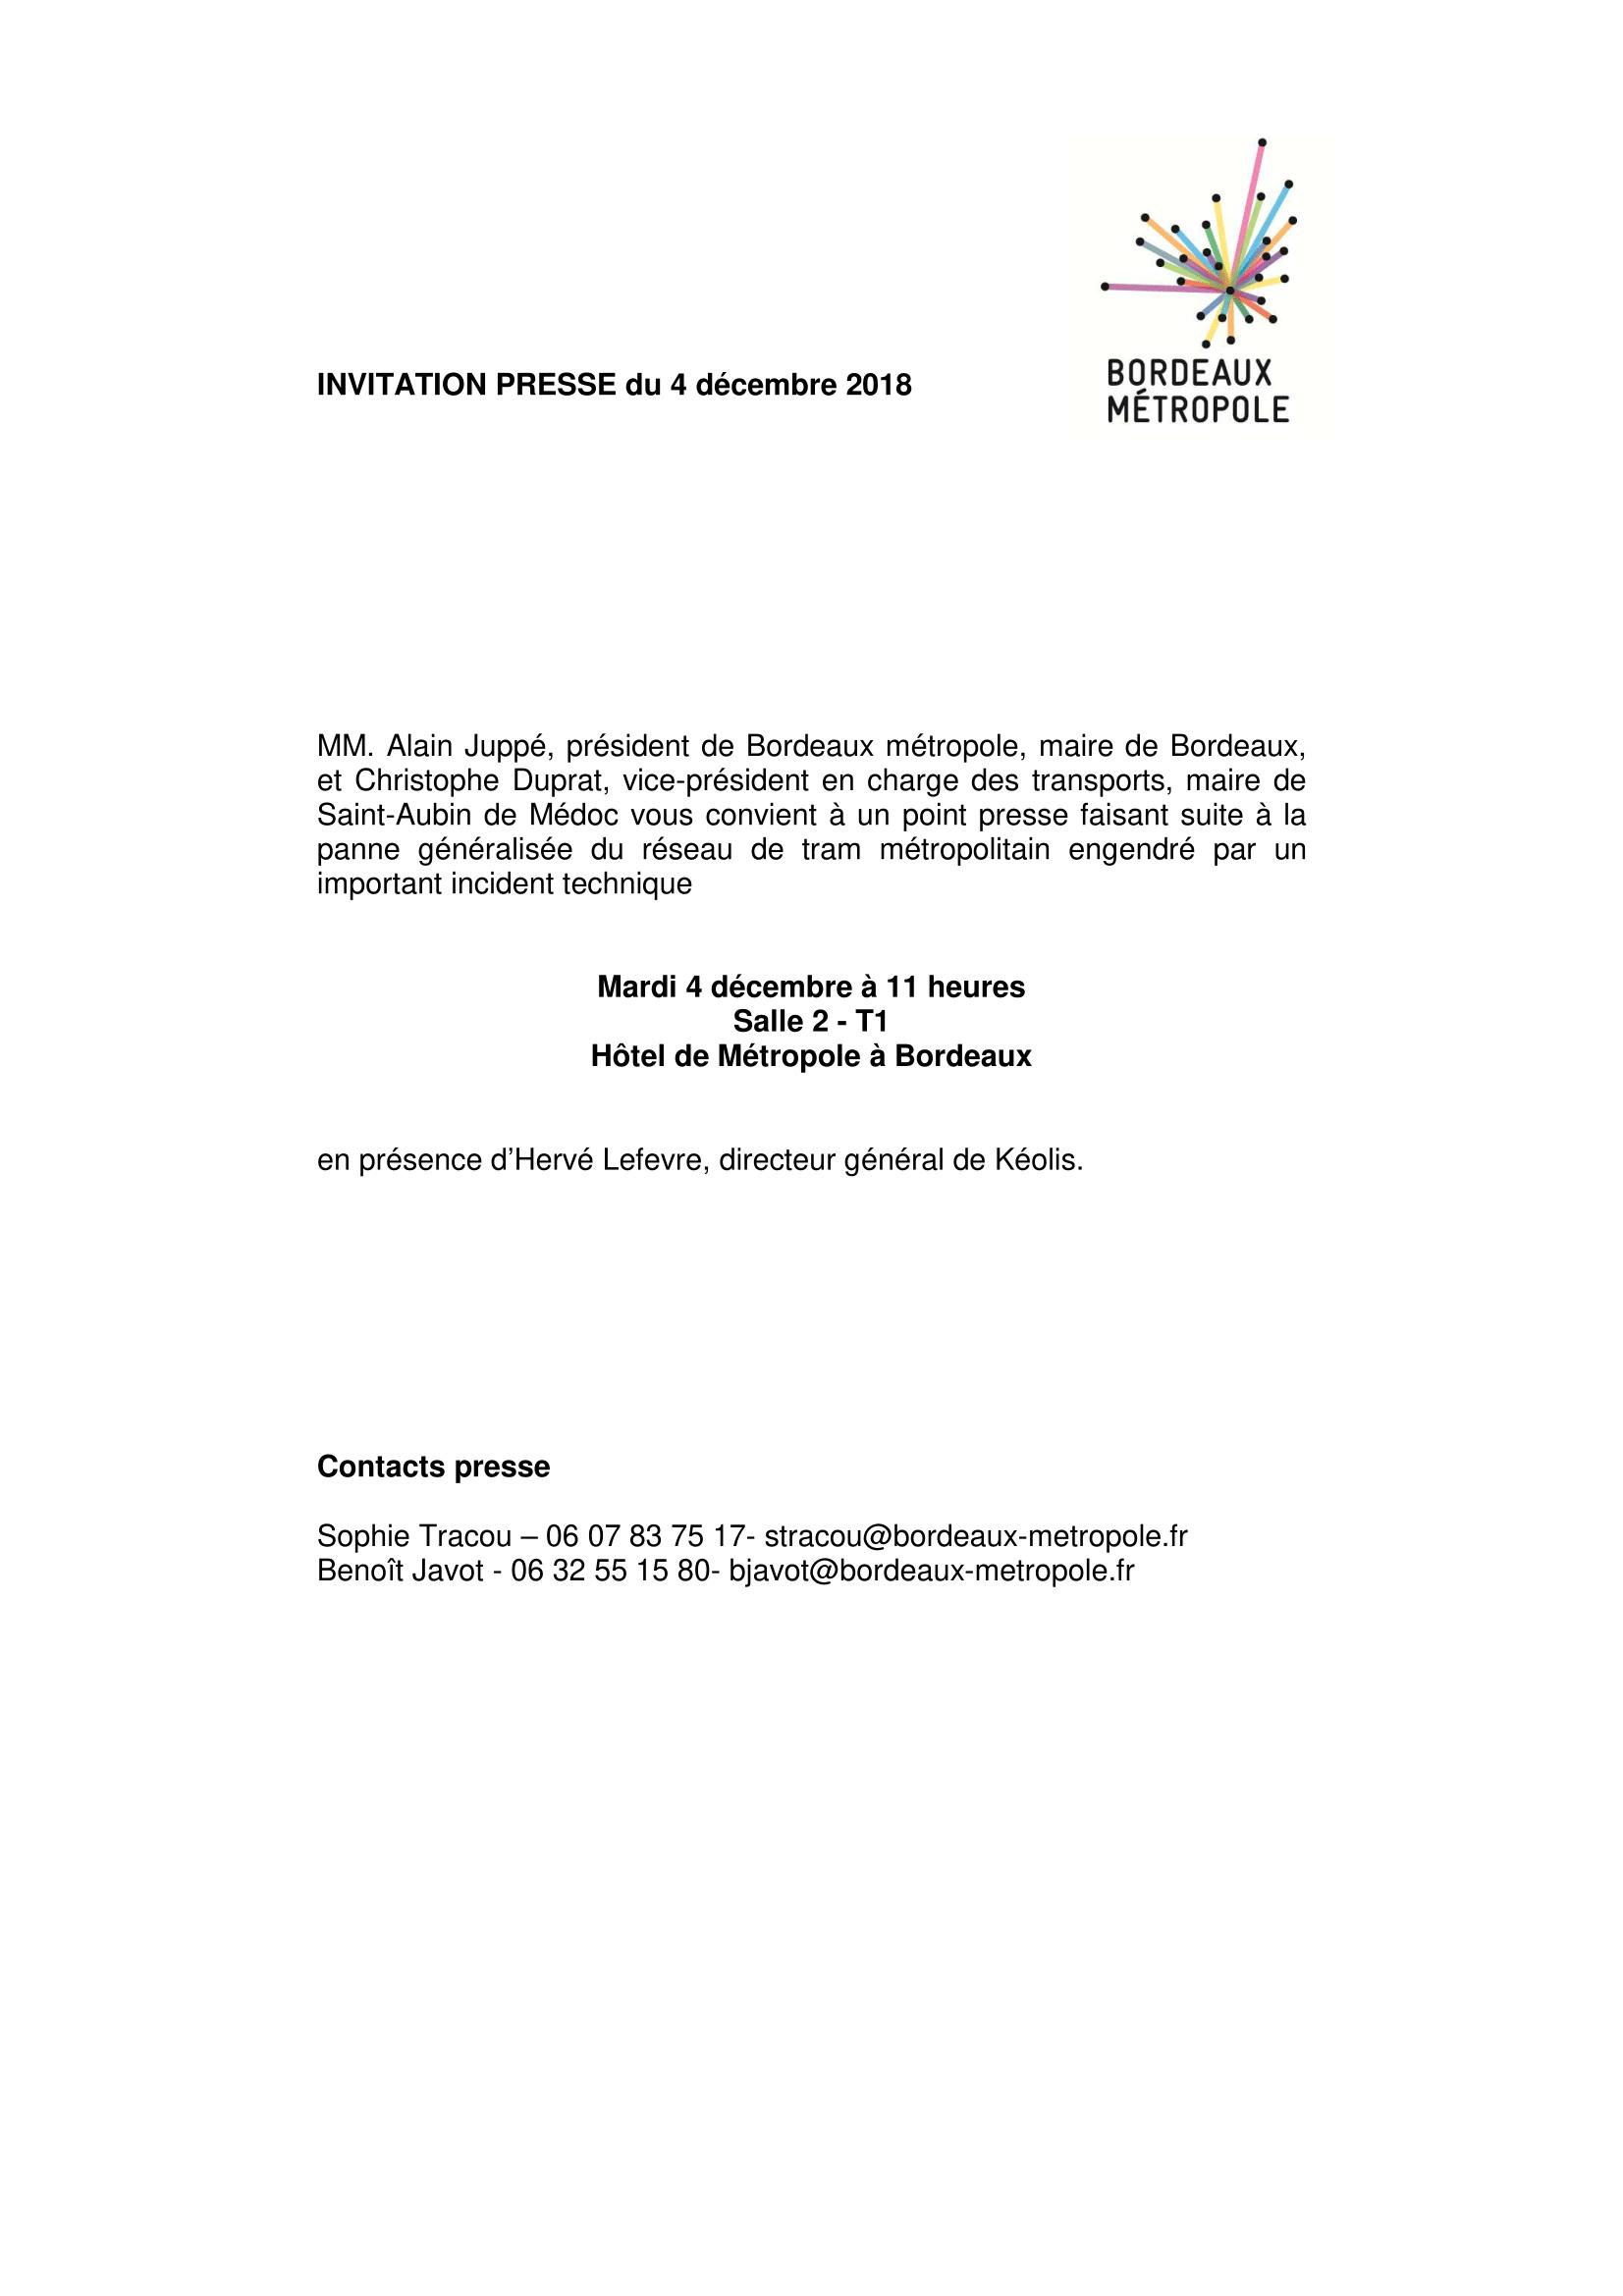 %ef%bf%bd_oconf-presse-tram-4-12-2018-1